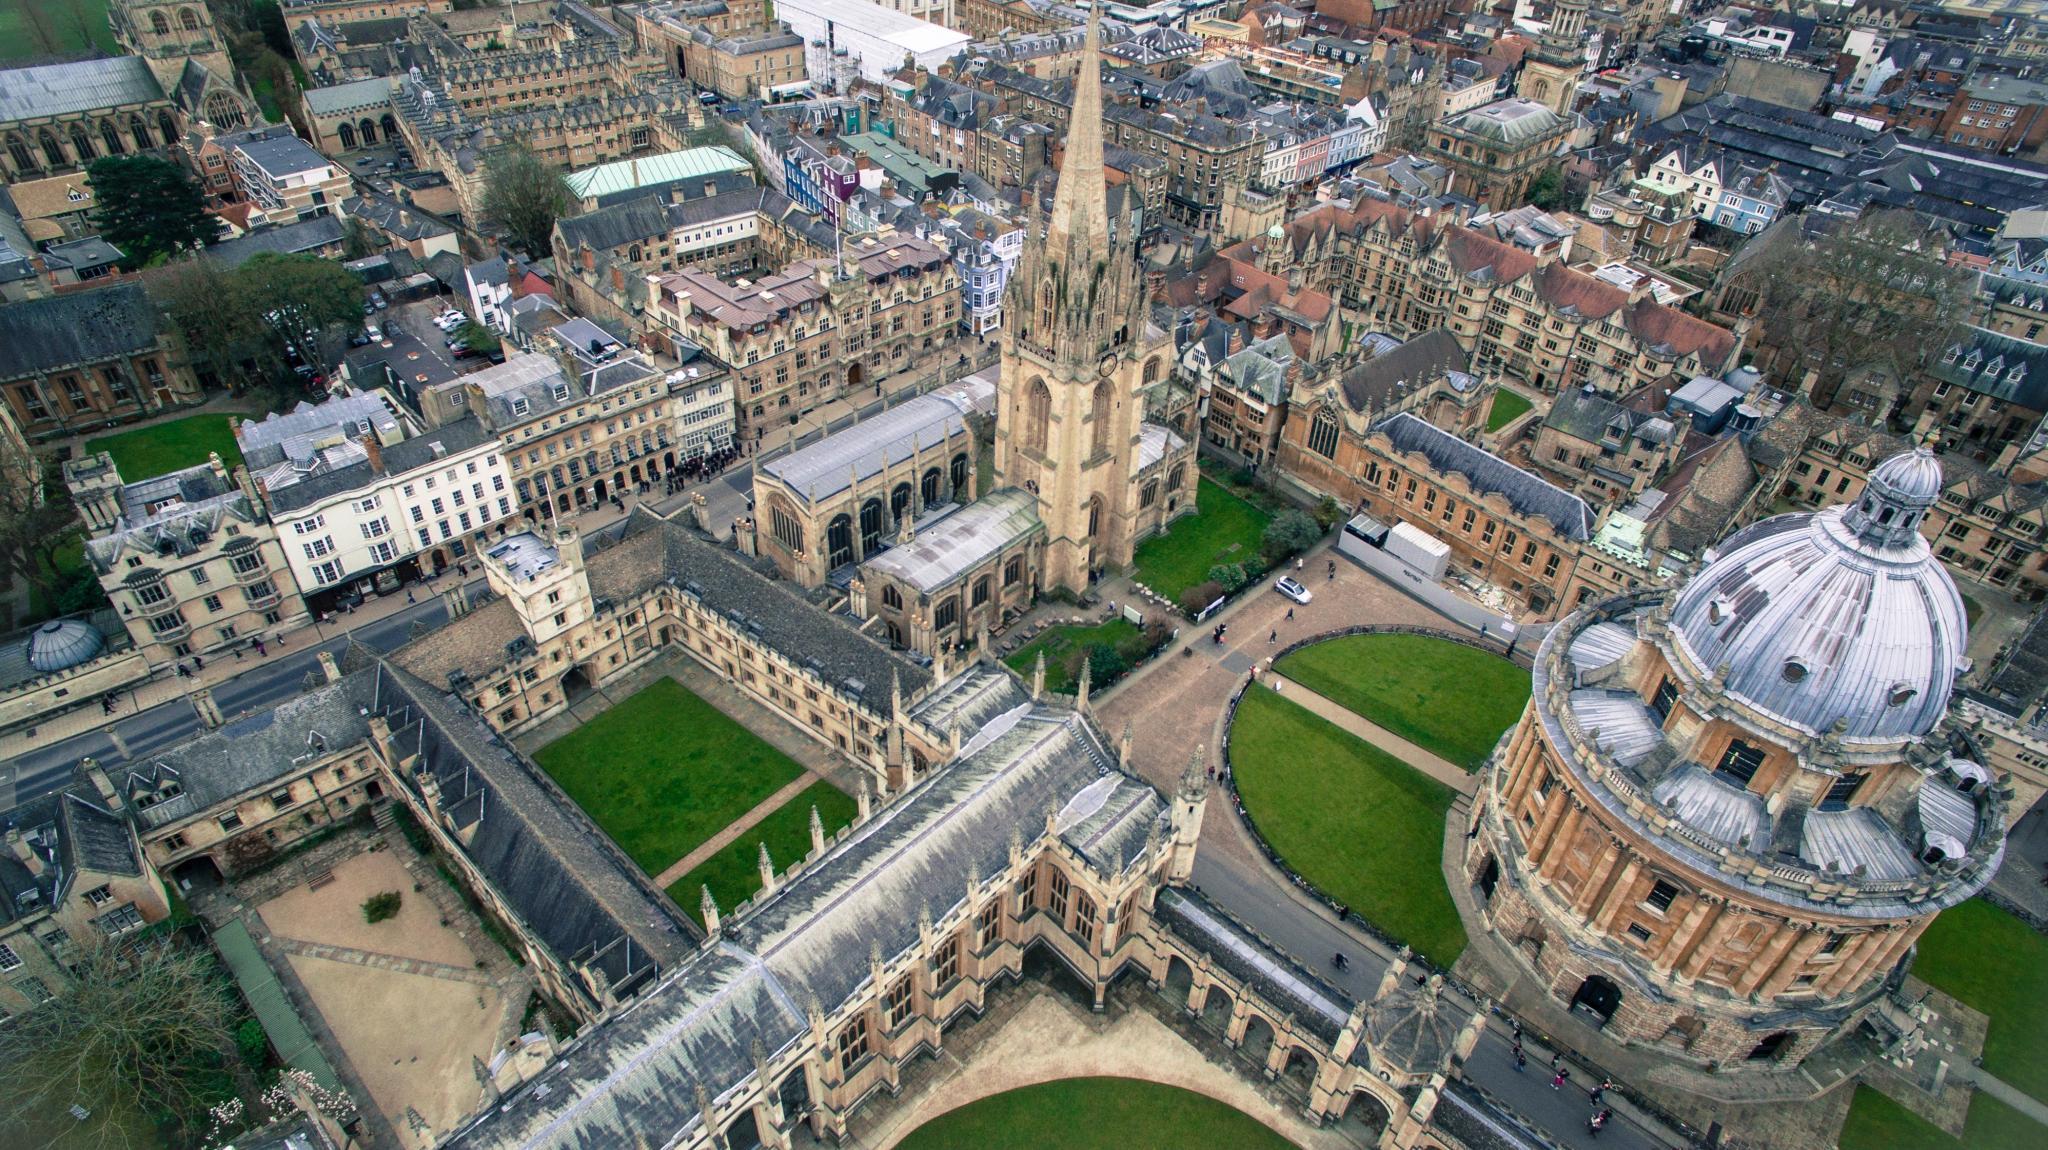 Maineikas Oxfordin yliopisto pyrkii eroon eliittimaineestaan – lupaa varata neljänneksen opiskelupaikoista köyhille